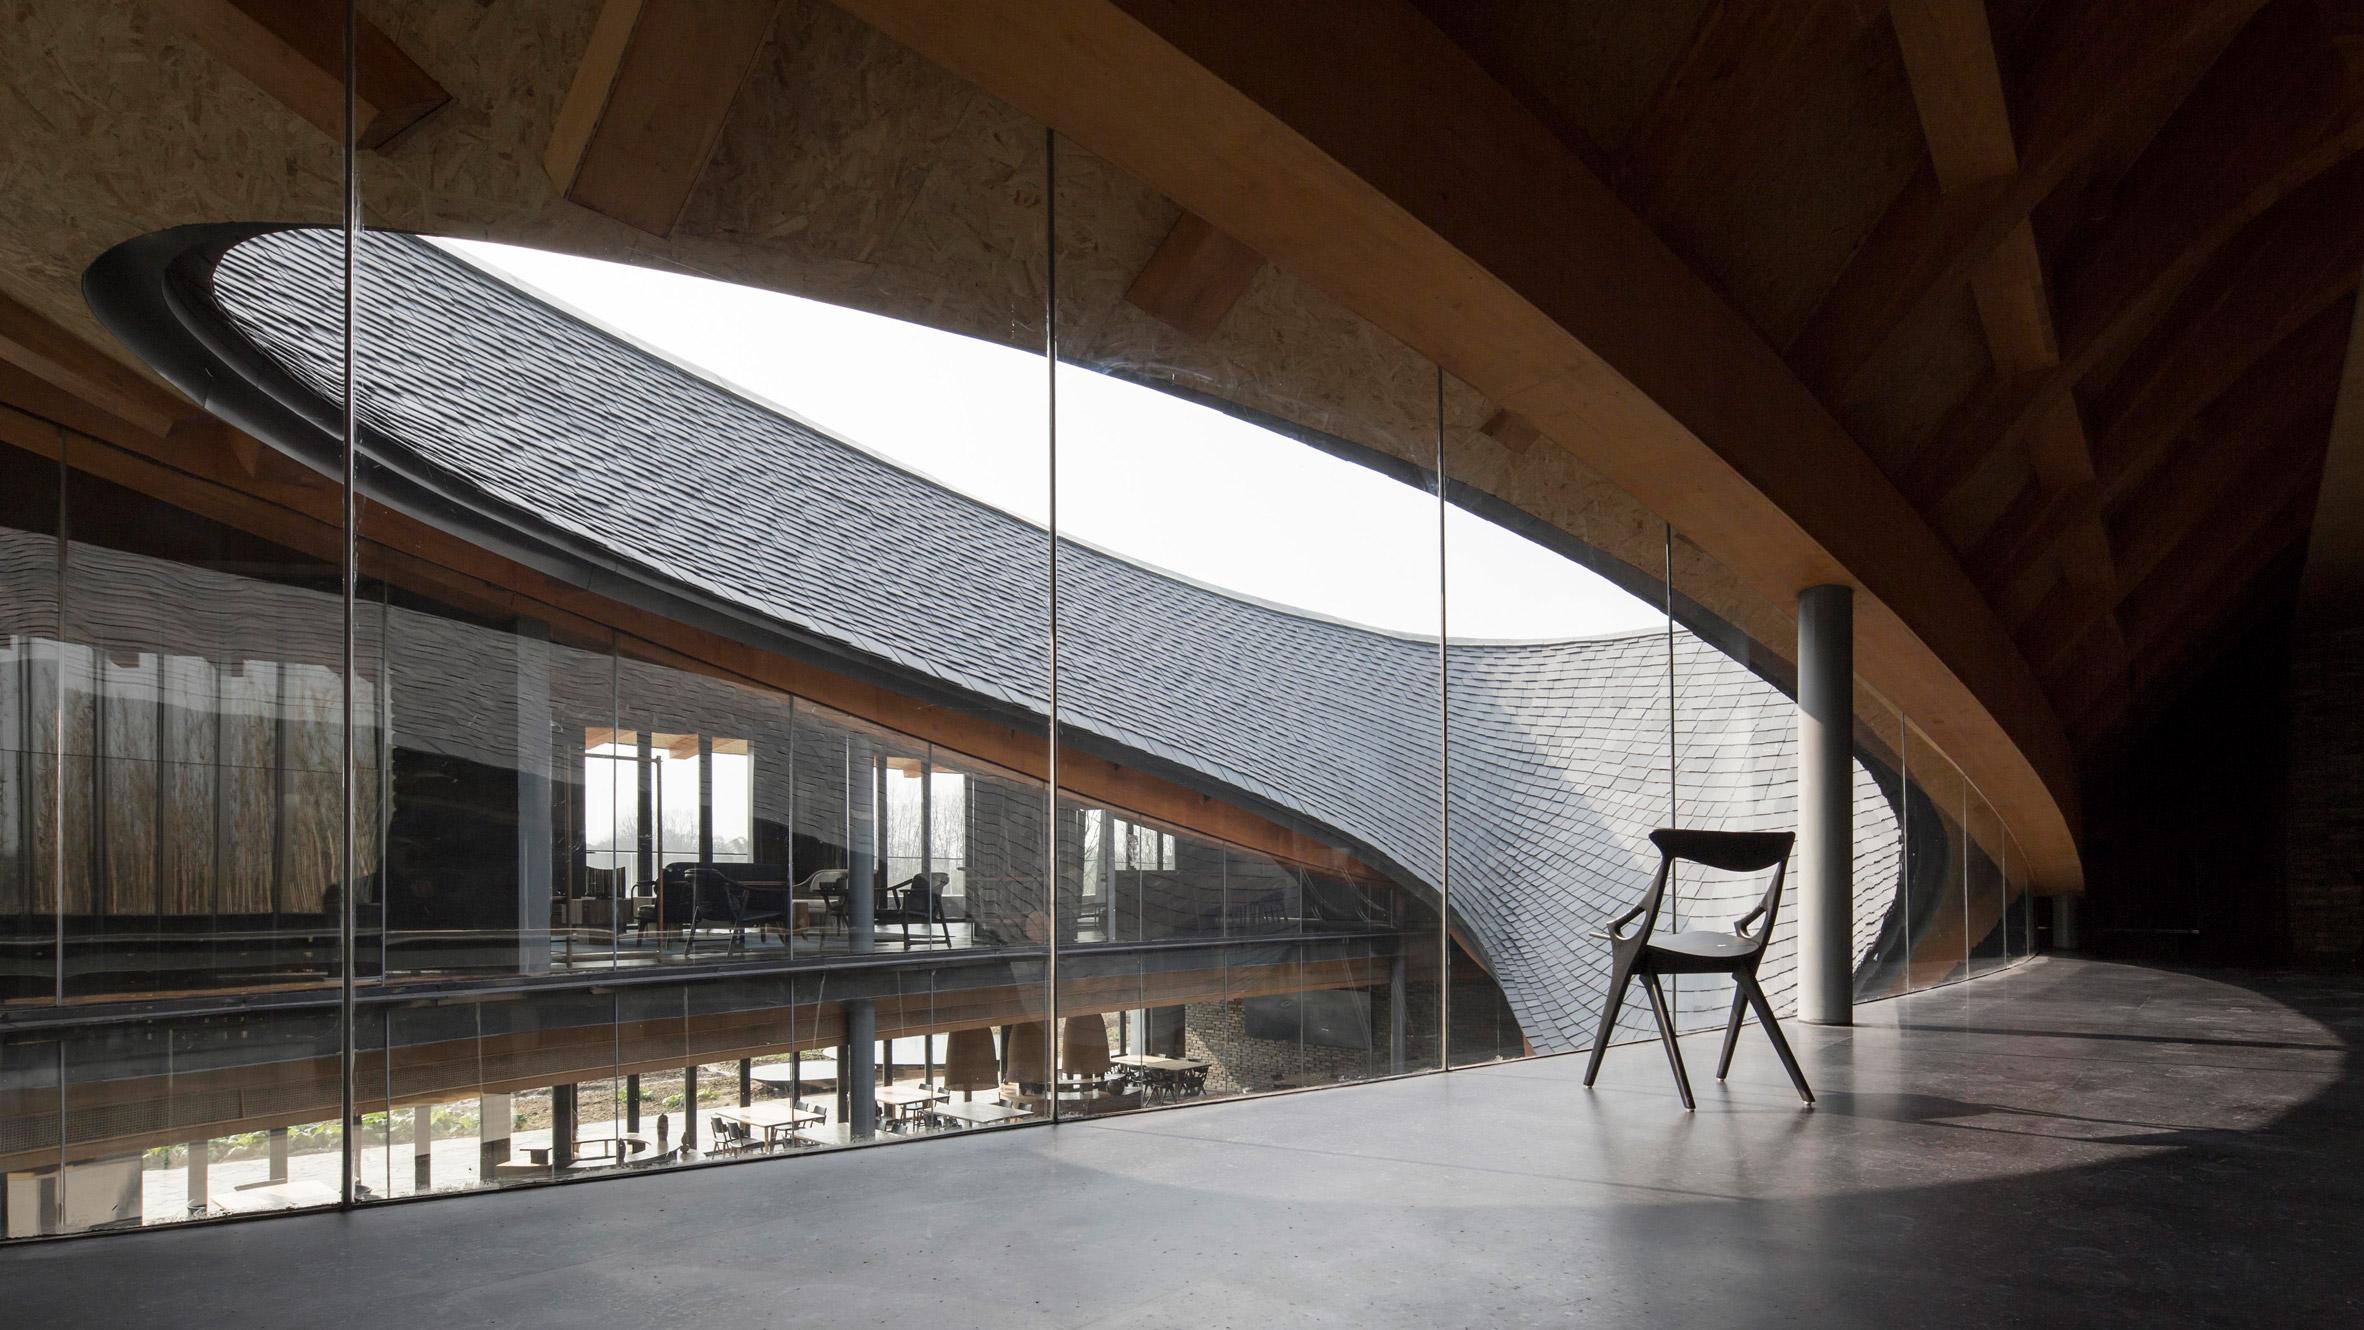 Toit en tuile courbe du centre culturel d'Inkstone House photographie de Yang Tianzhou